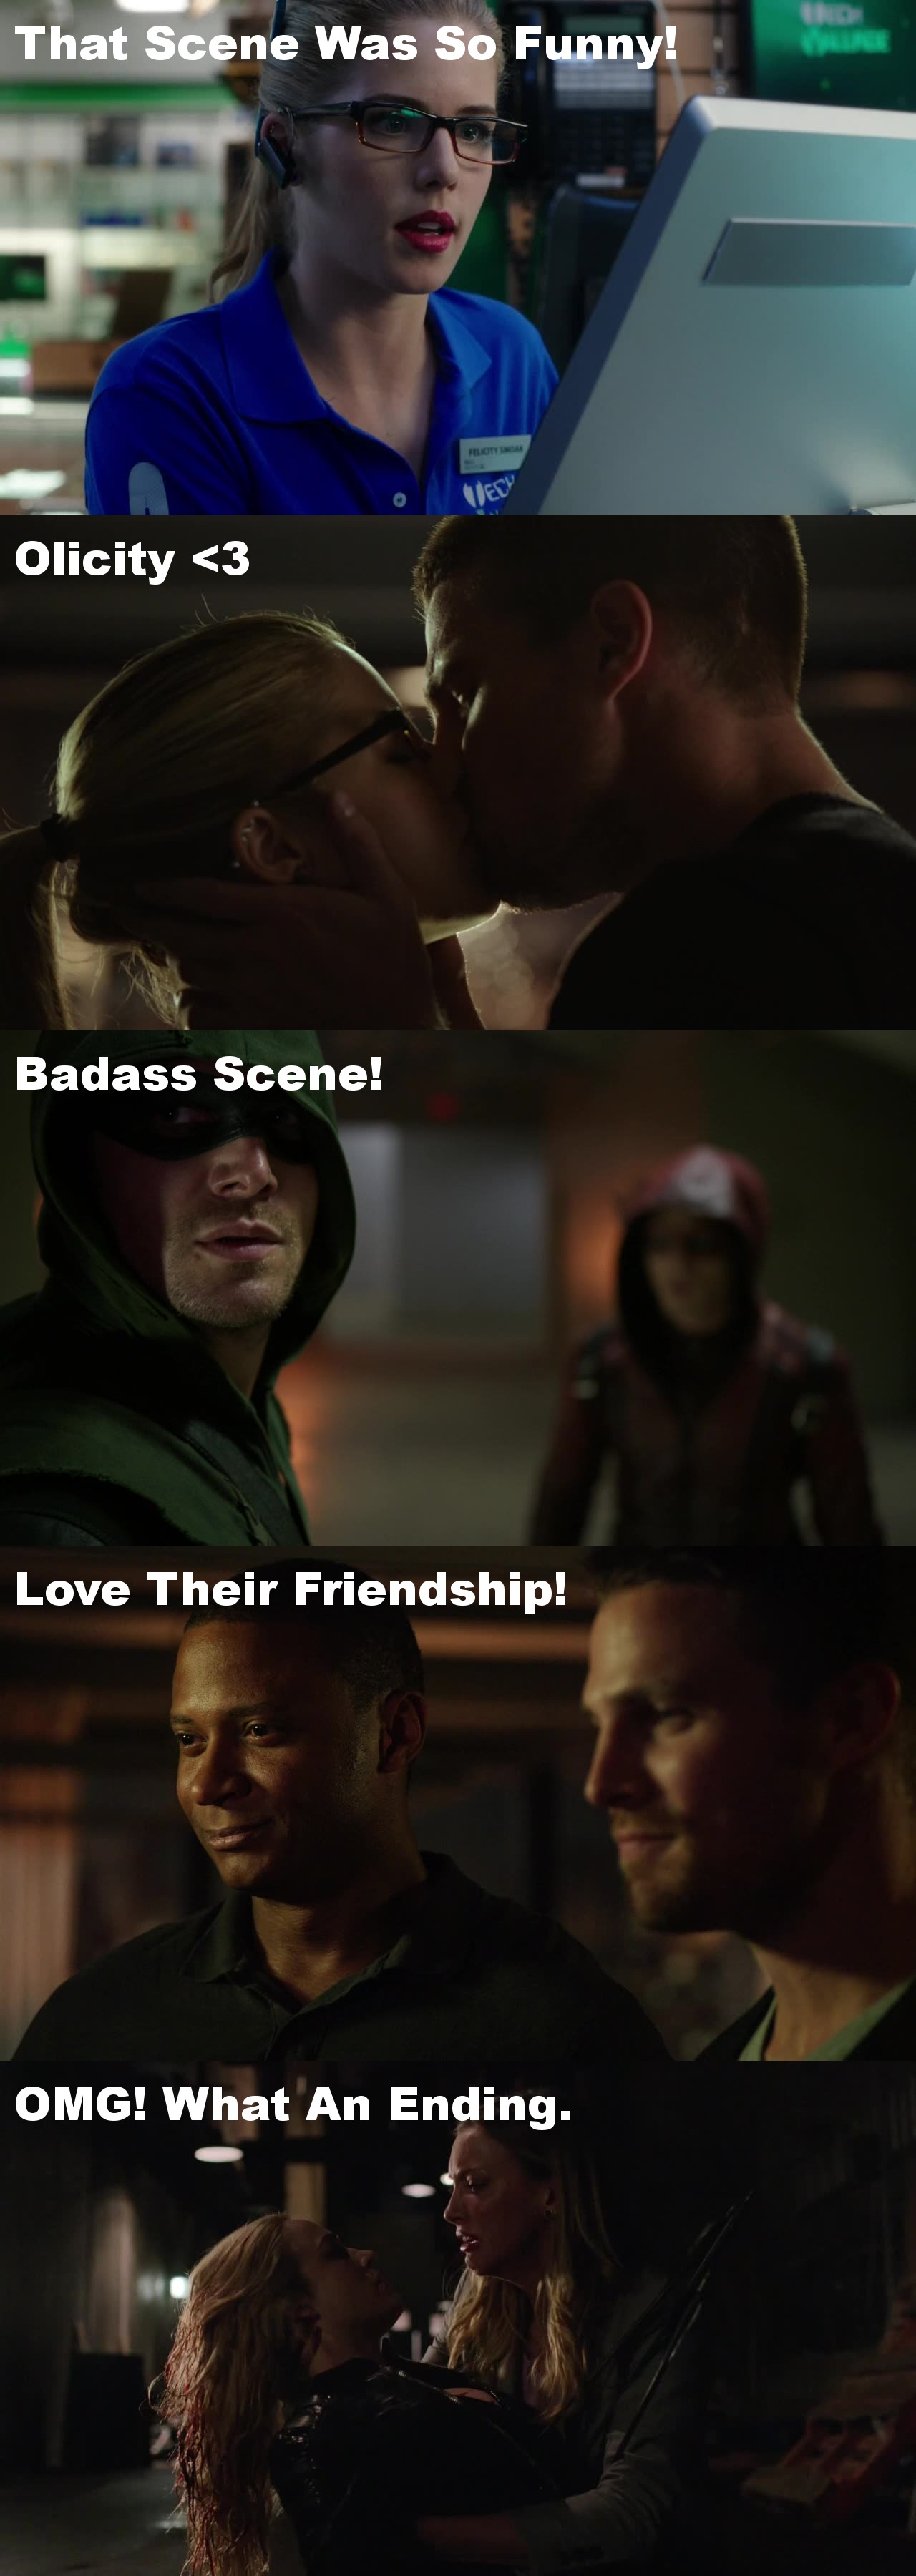 So Happy Arrow Is Back On My Screen!